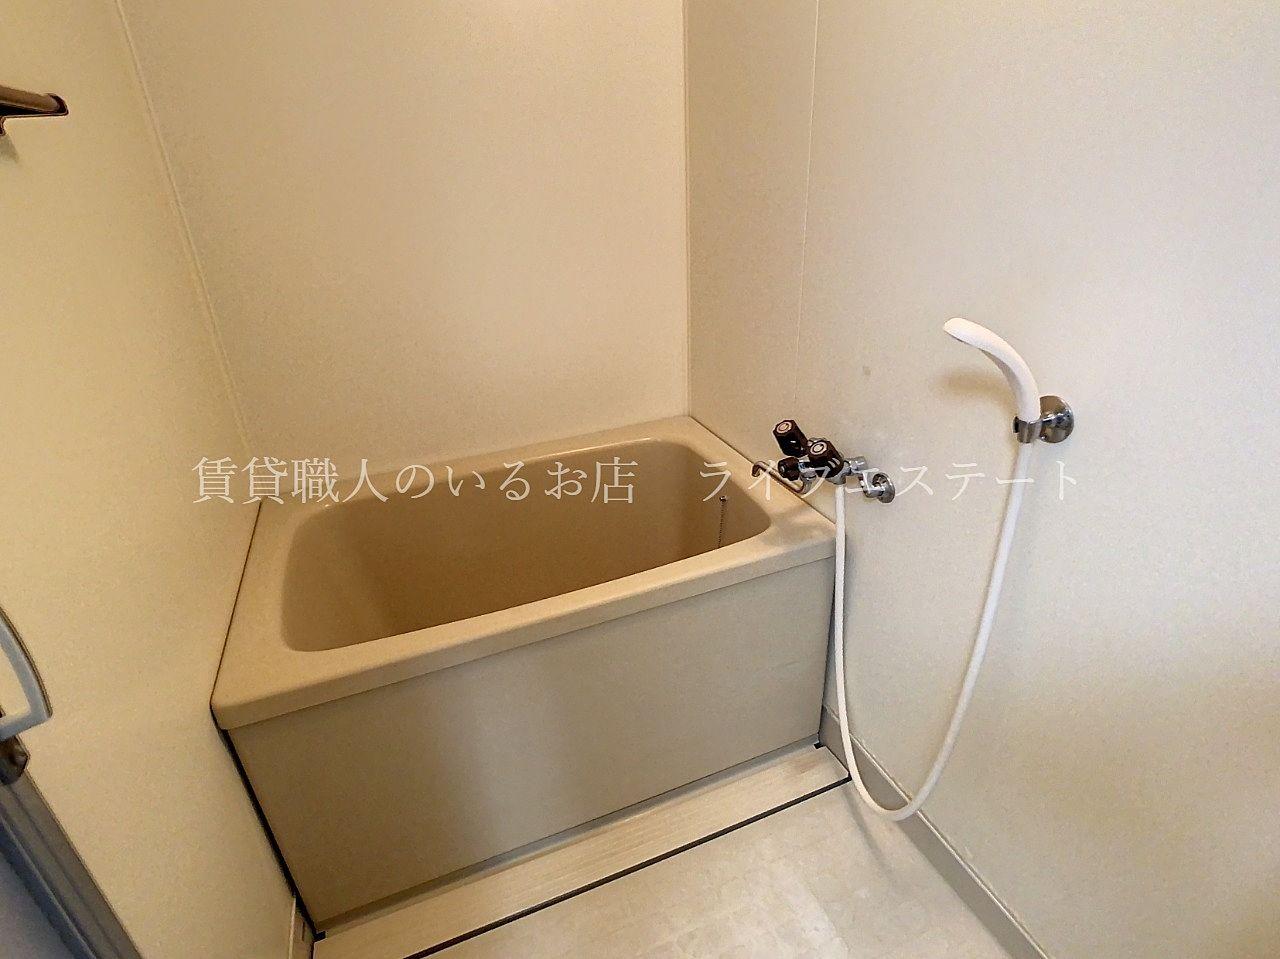 お湯がたくさん必要なく、浴室が寒くなりにくい